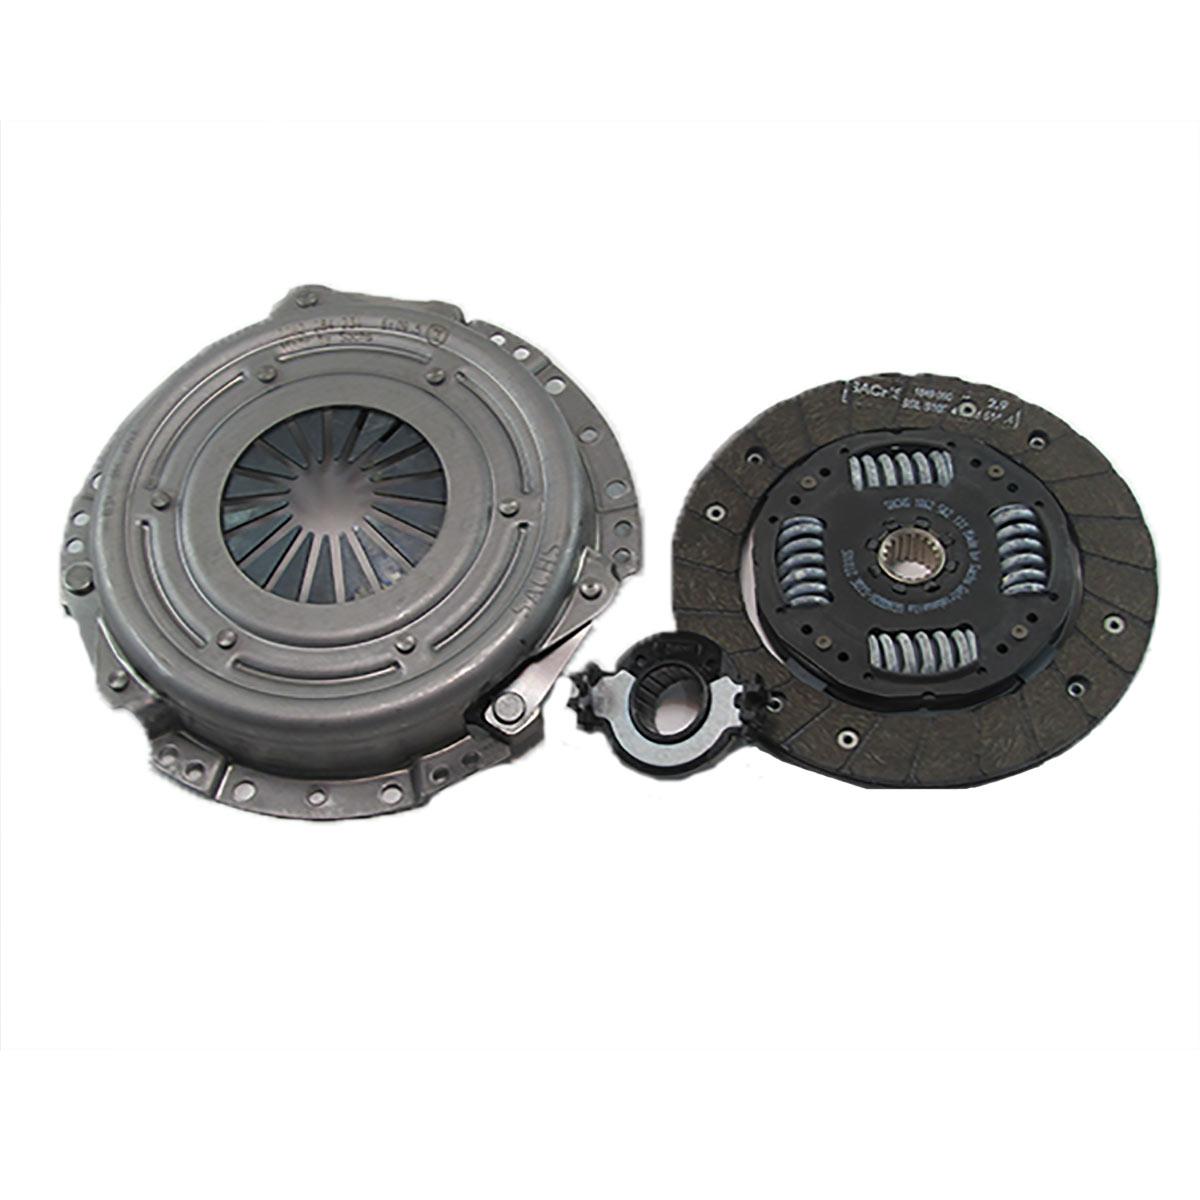 دیسک و صفحه کلاچ ساچ مدل D-97424 مناسب برای پژو 206 تیپ 2